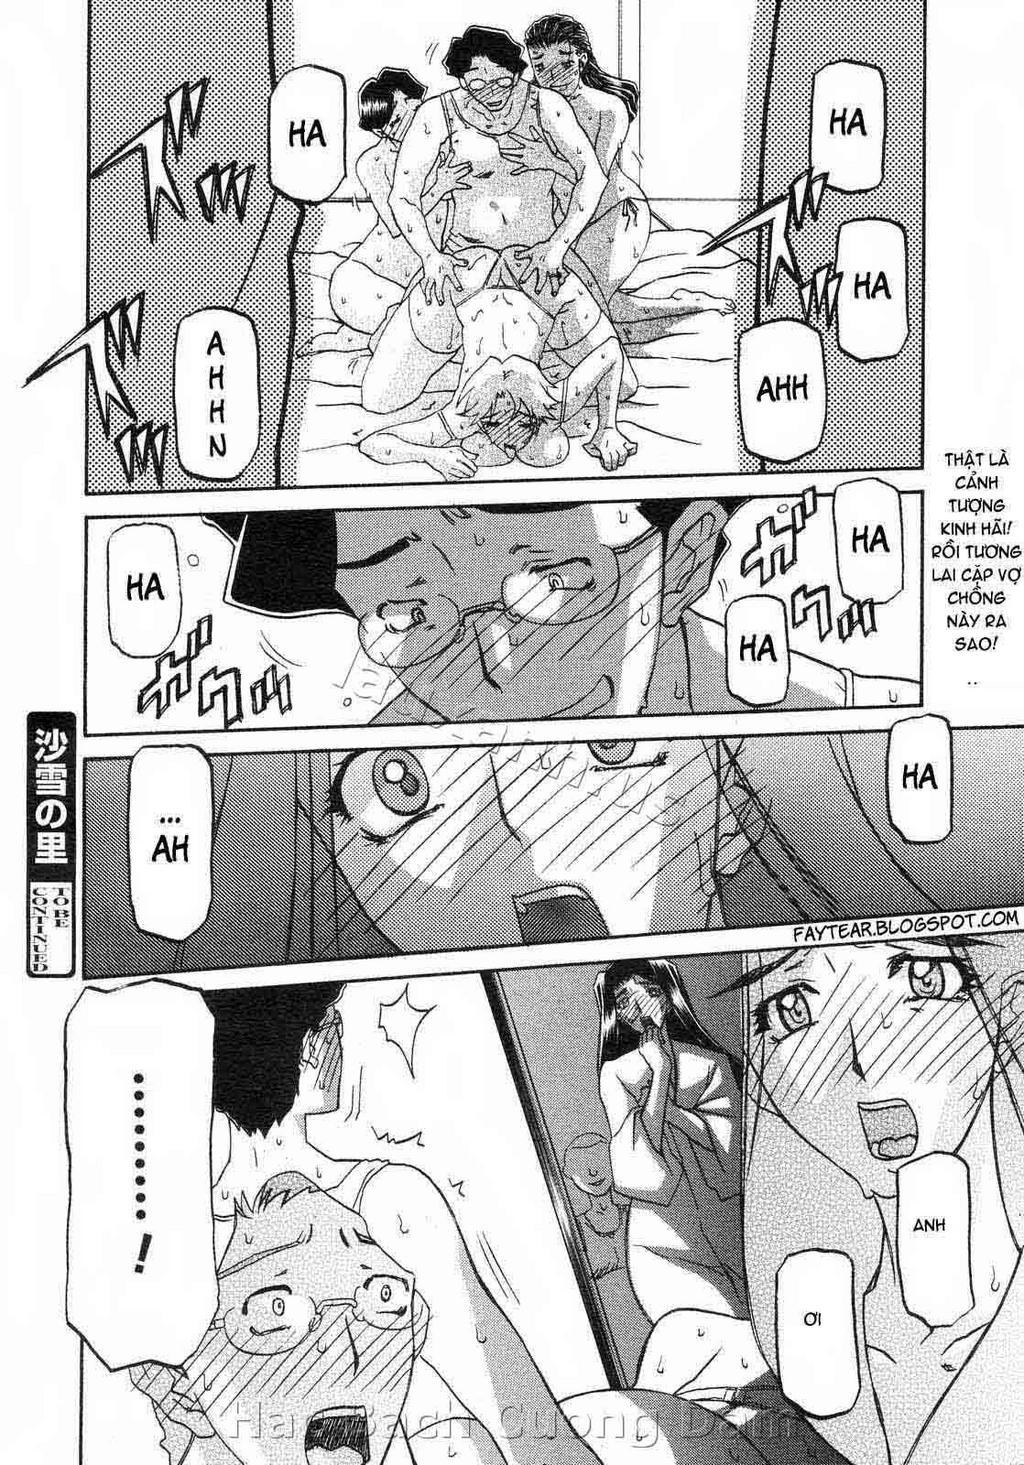 Hình ảnh hentailxers.blogspot.com0031 trong bài viết Manga H Sayuki no Sato